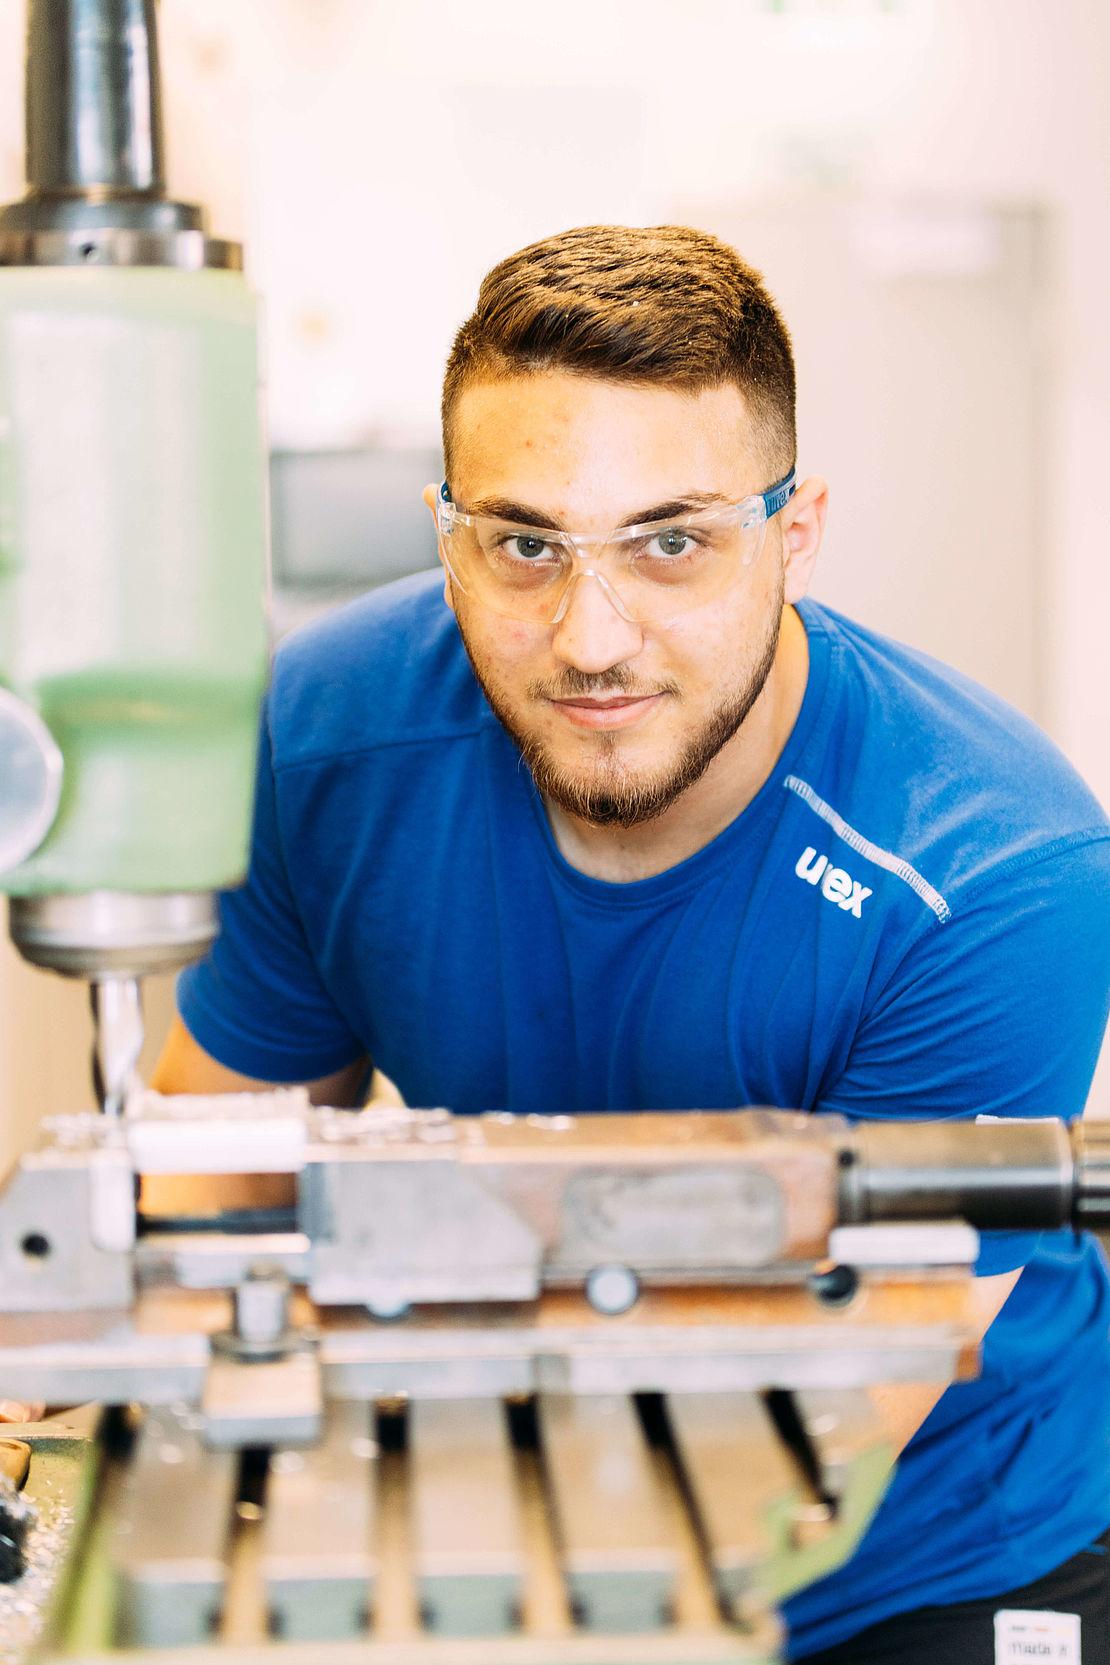 Ausbildung-Industriemechaniker-uvex-group